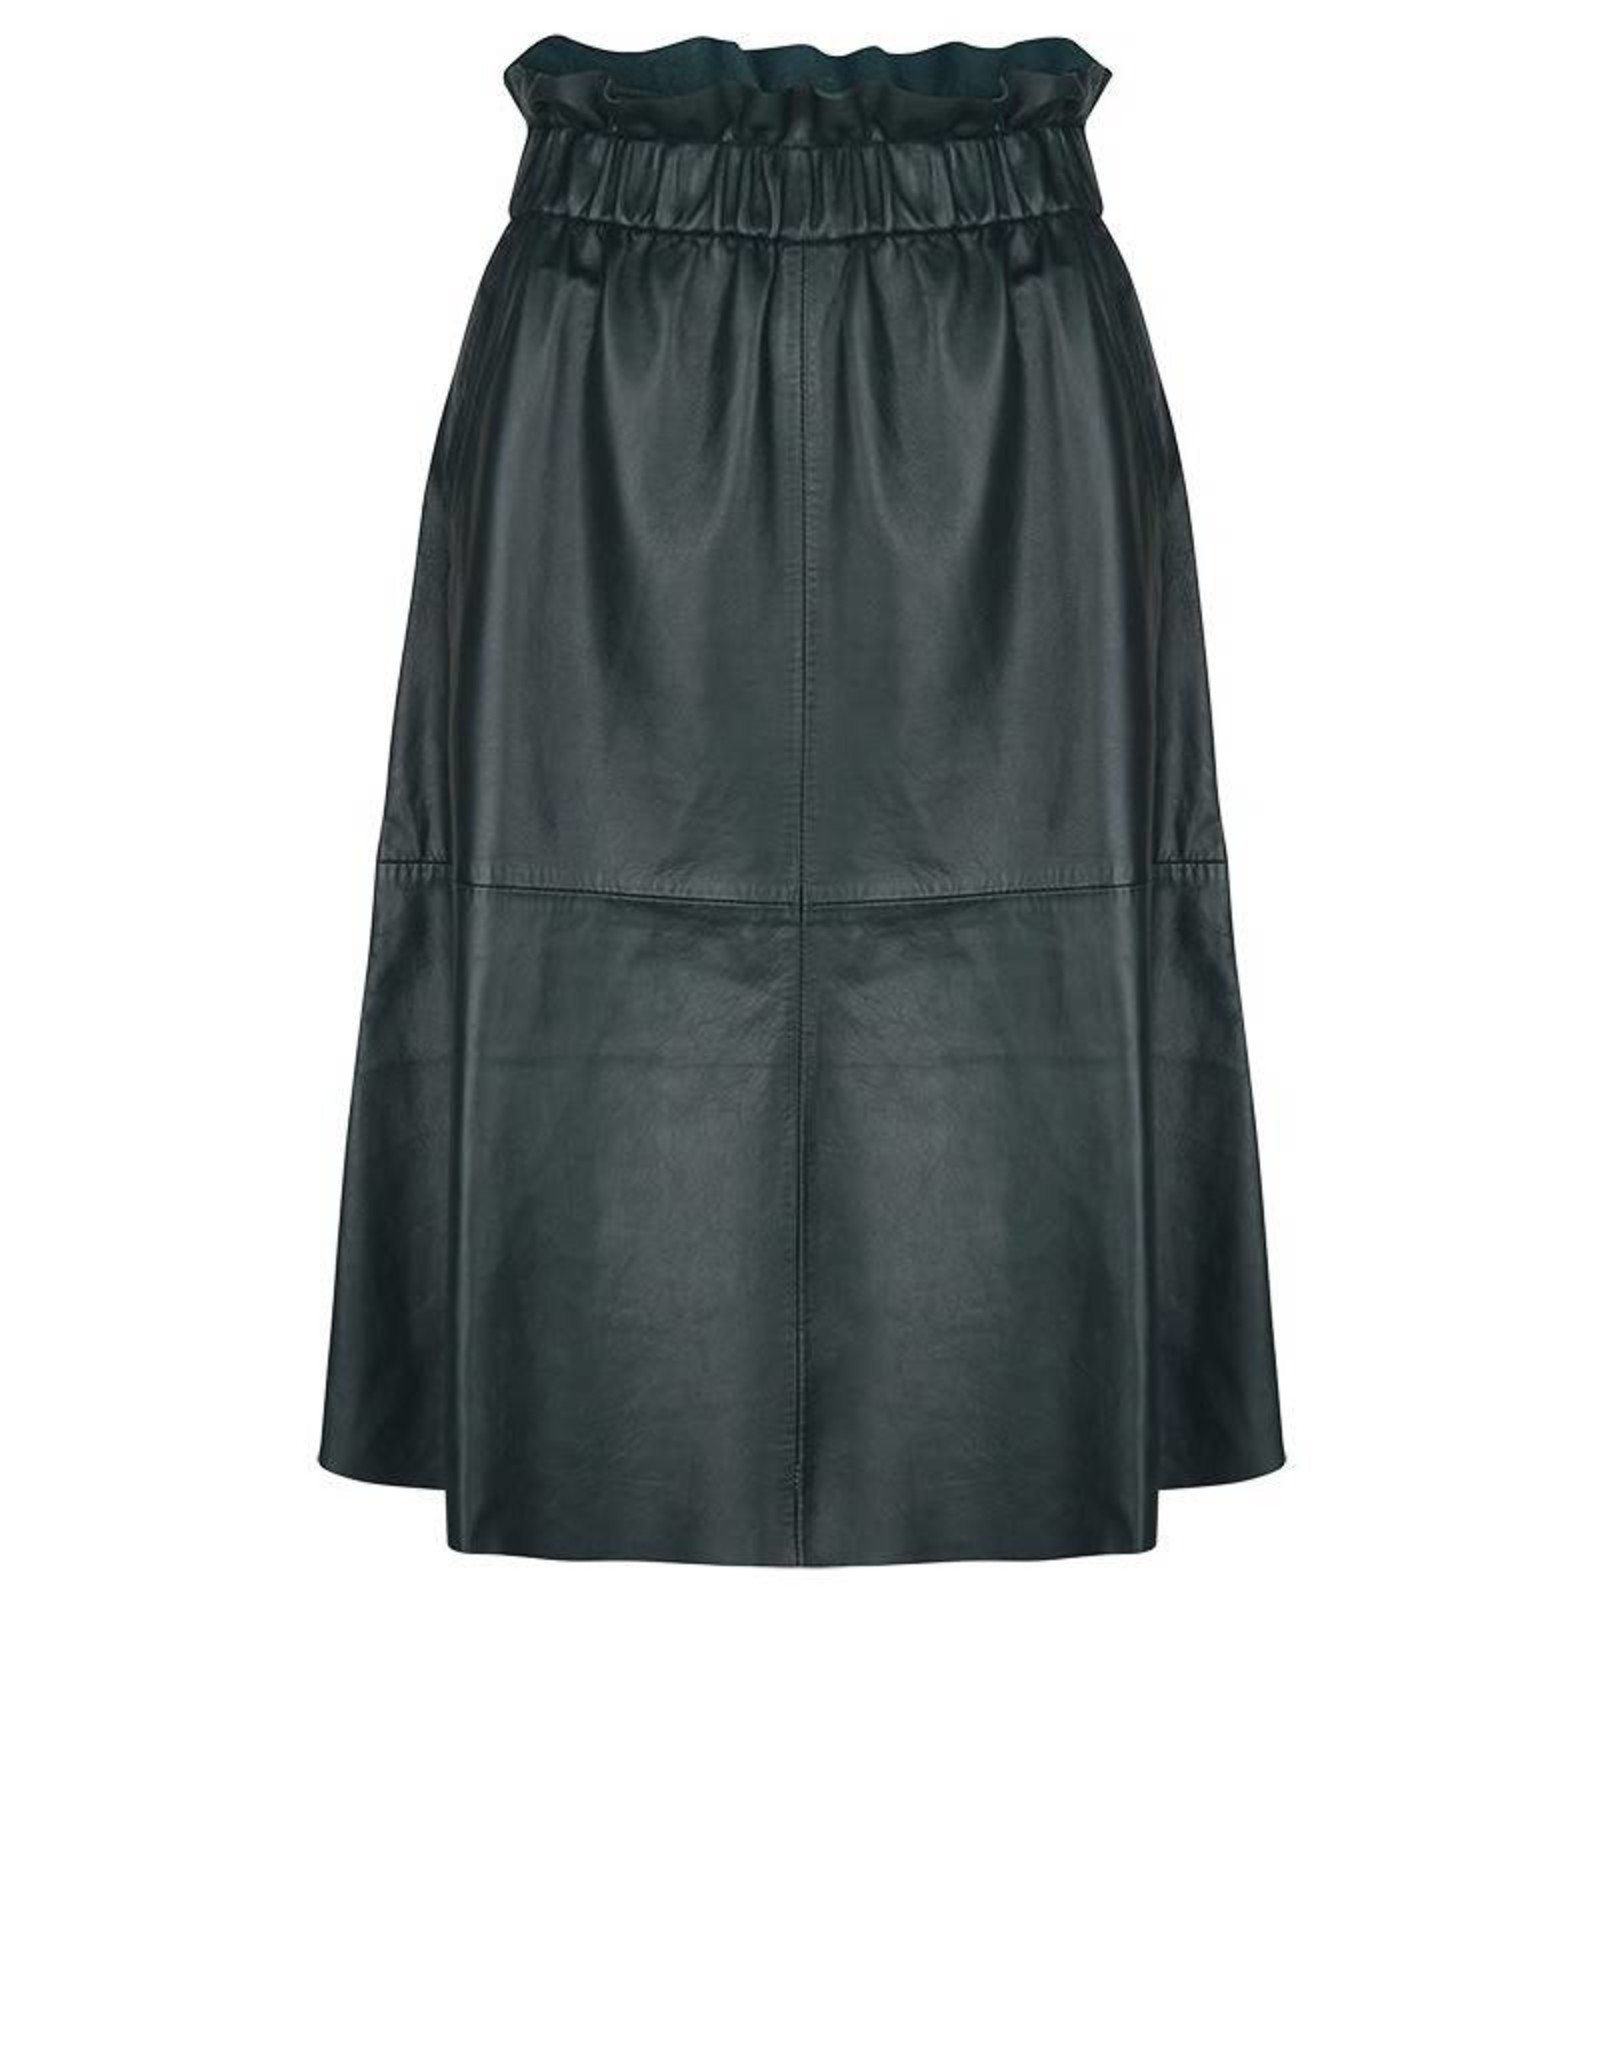 dante6 Tamari Leather Skirt